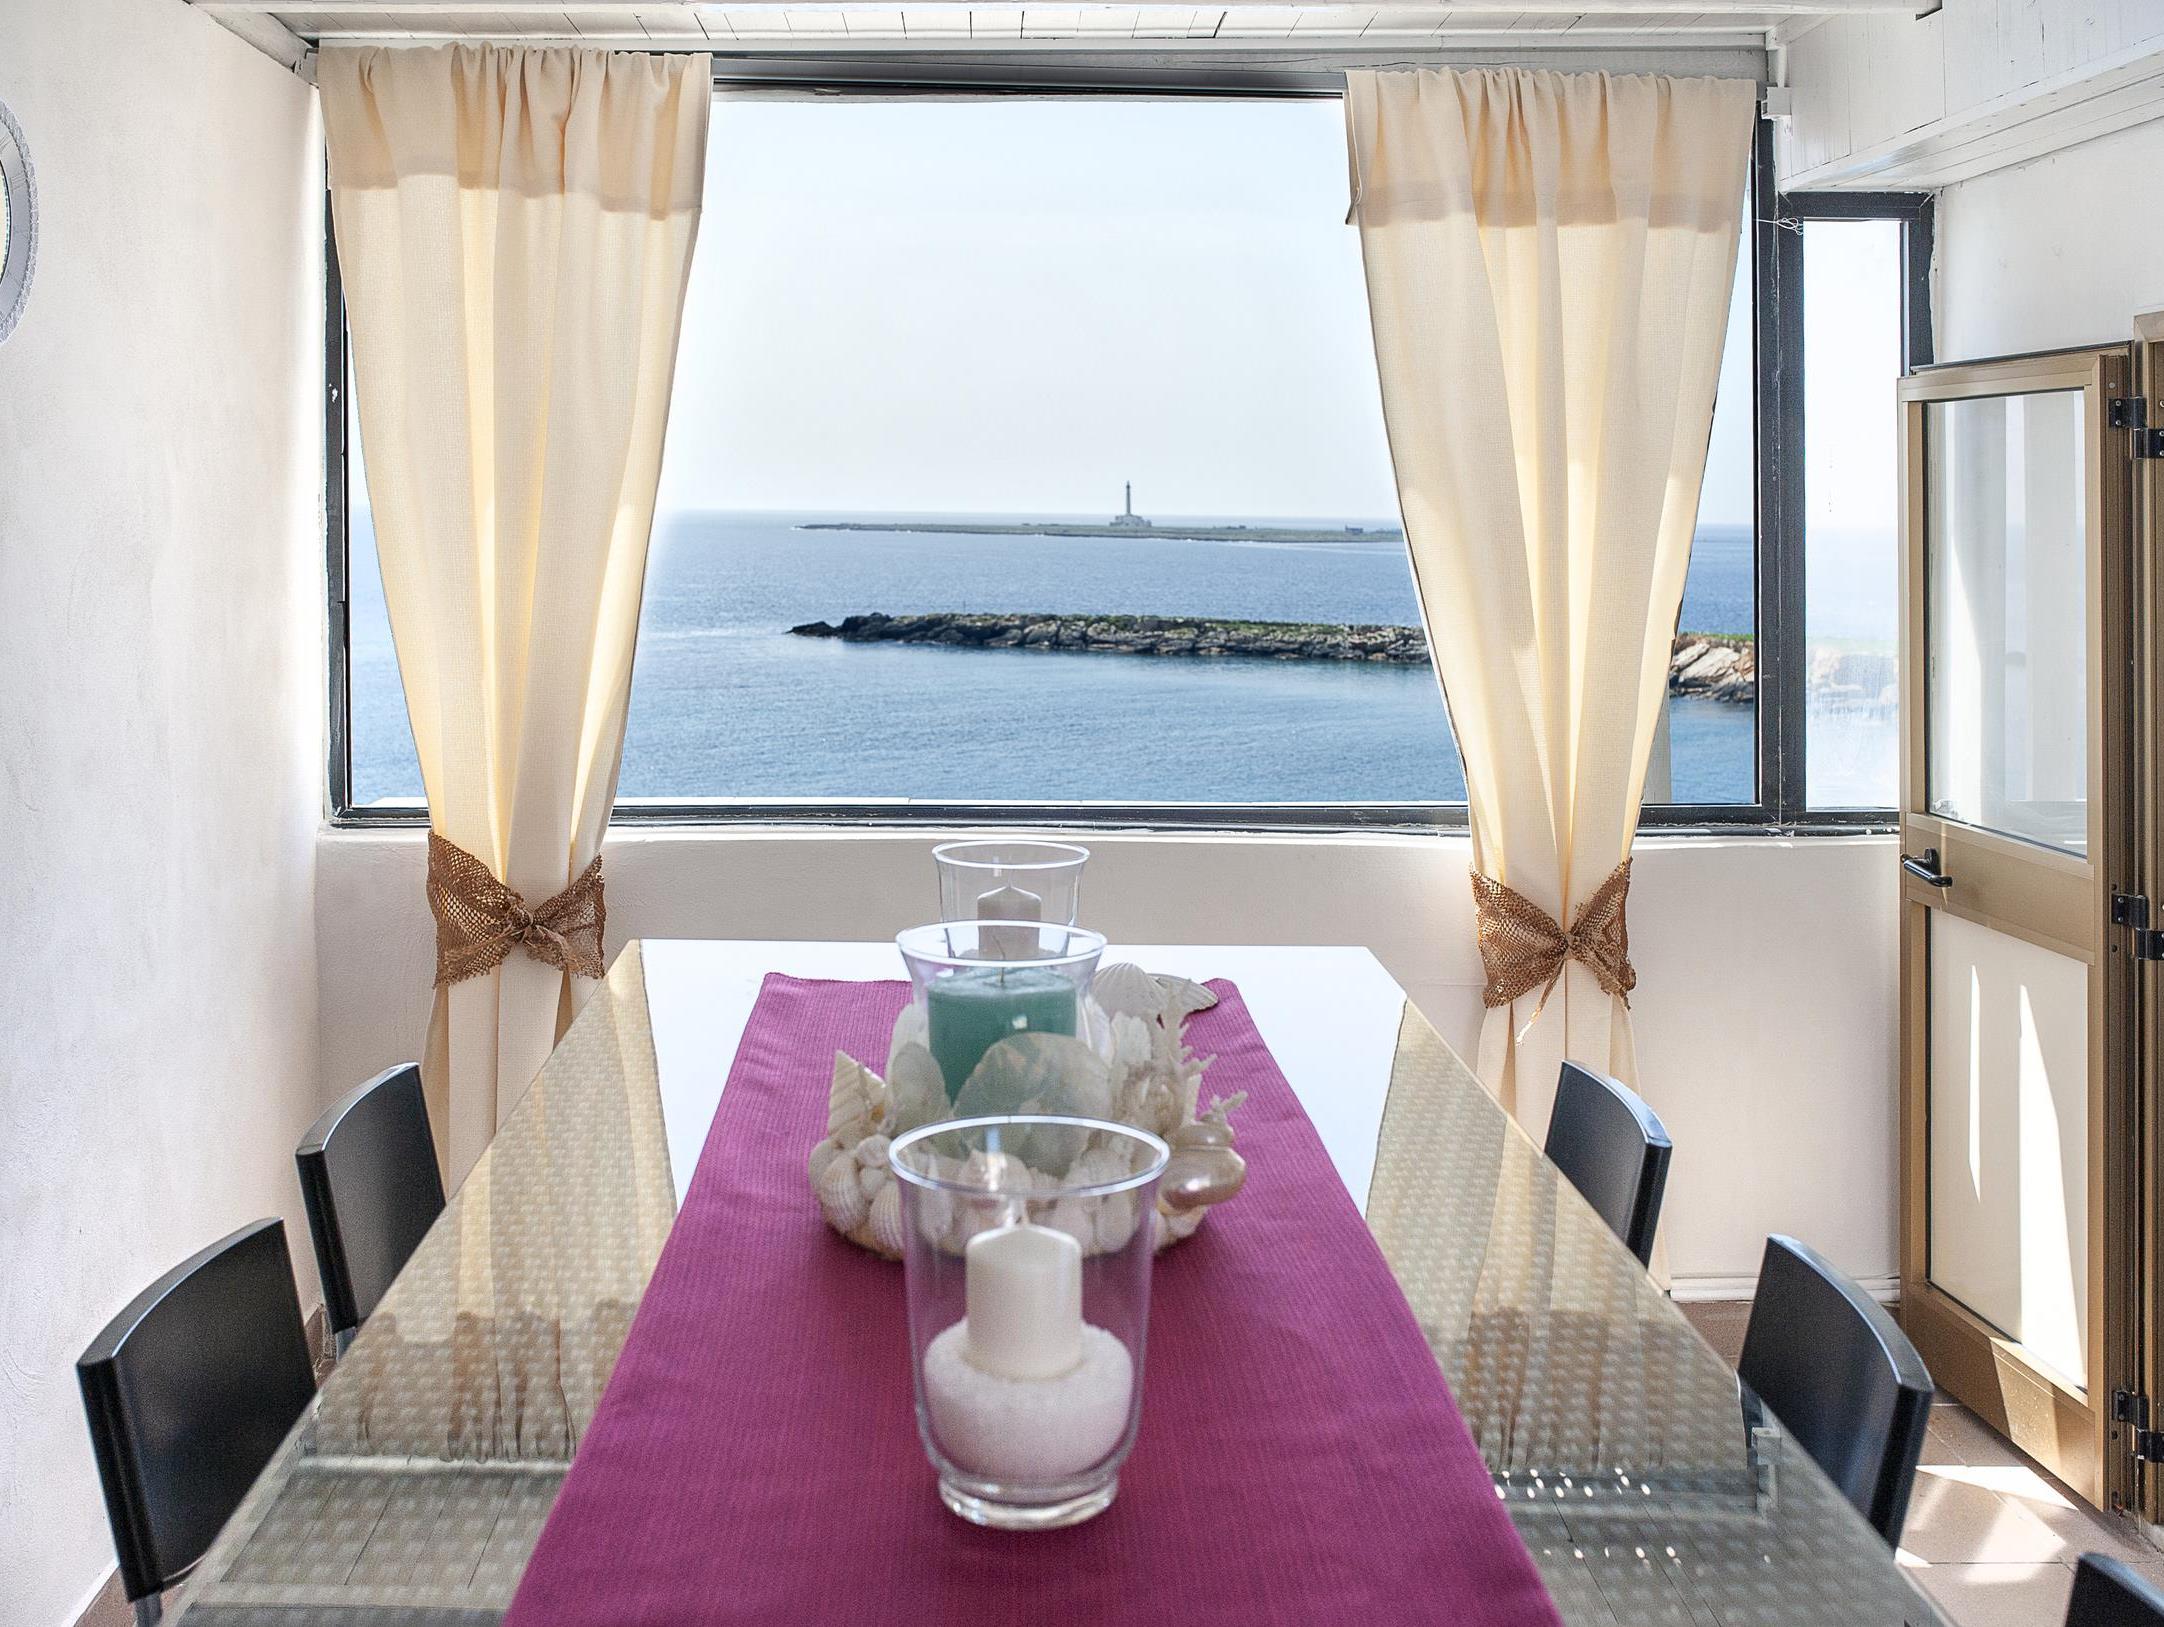 Ferienwohnung Frontemare delle Sirene in Gallipoli, Italien IT6770 ...